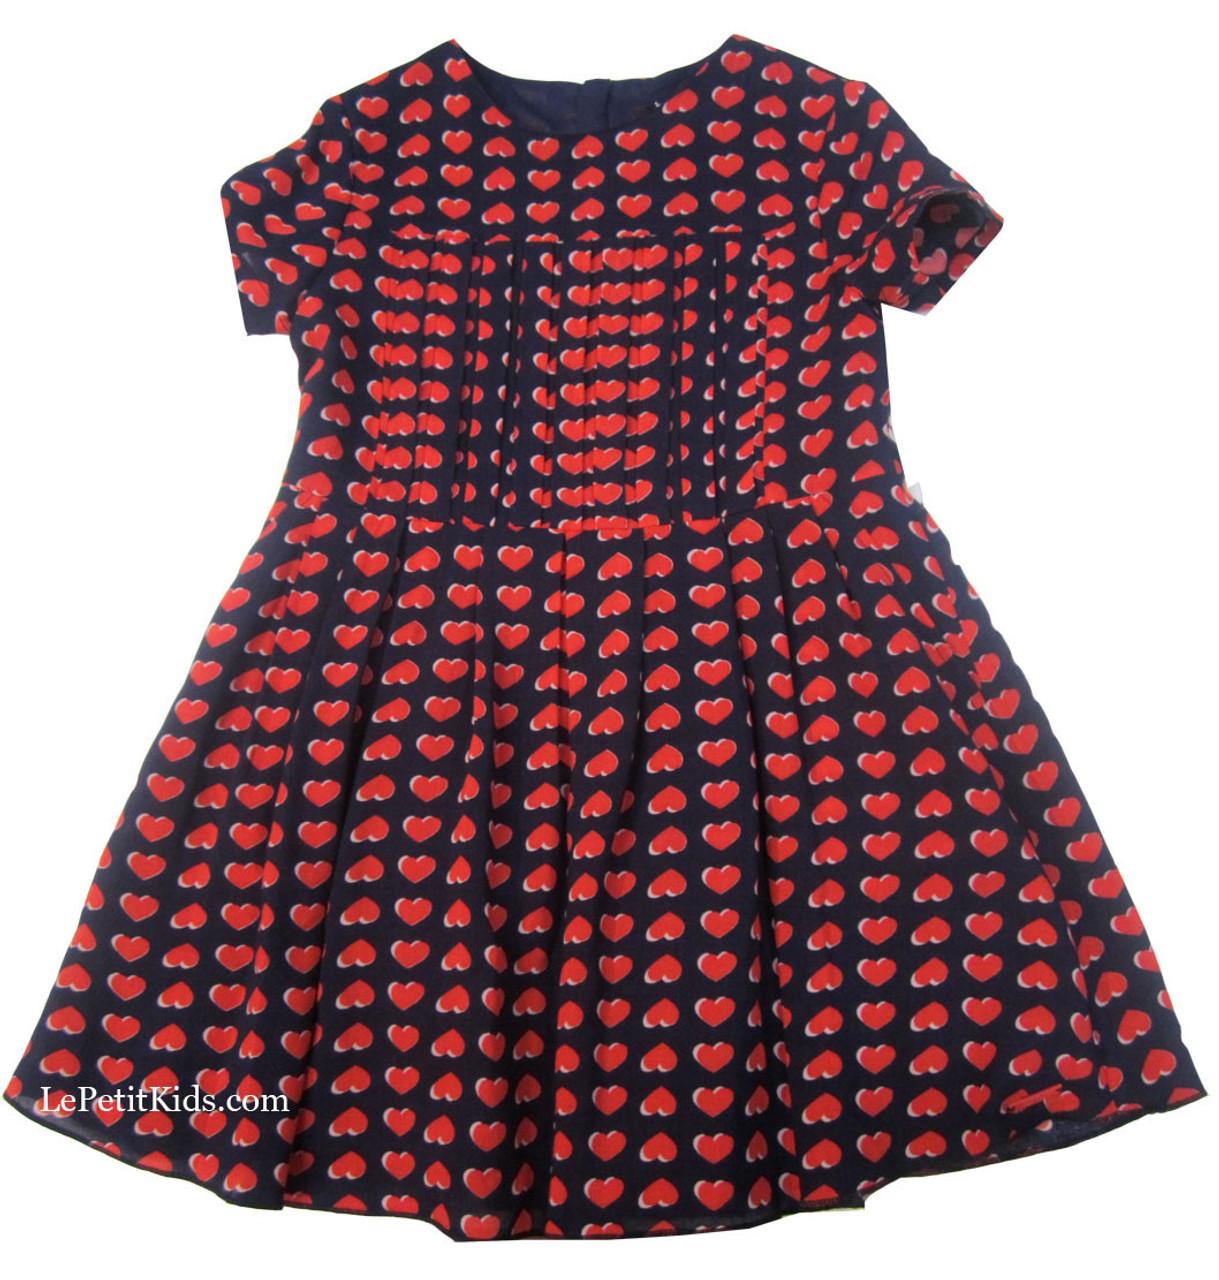 2168d21bd476 Little Marc Jacobs Dress w12022 - Le Petit Kids